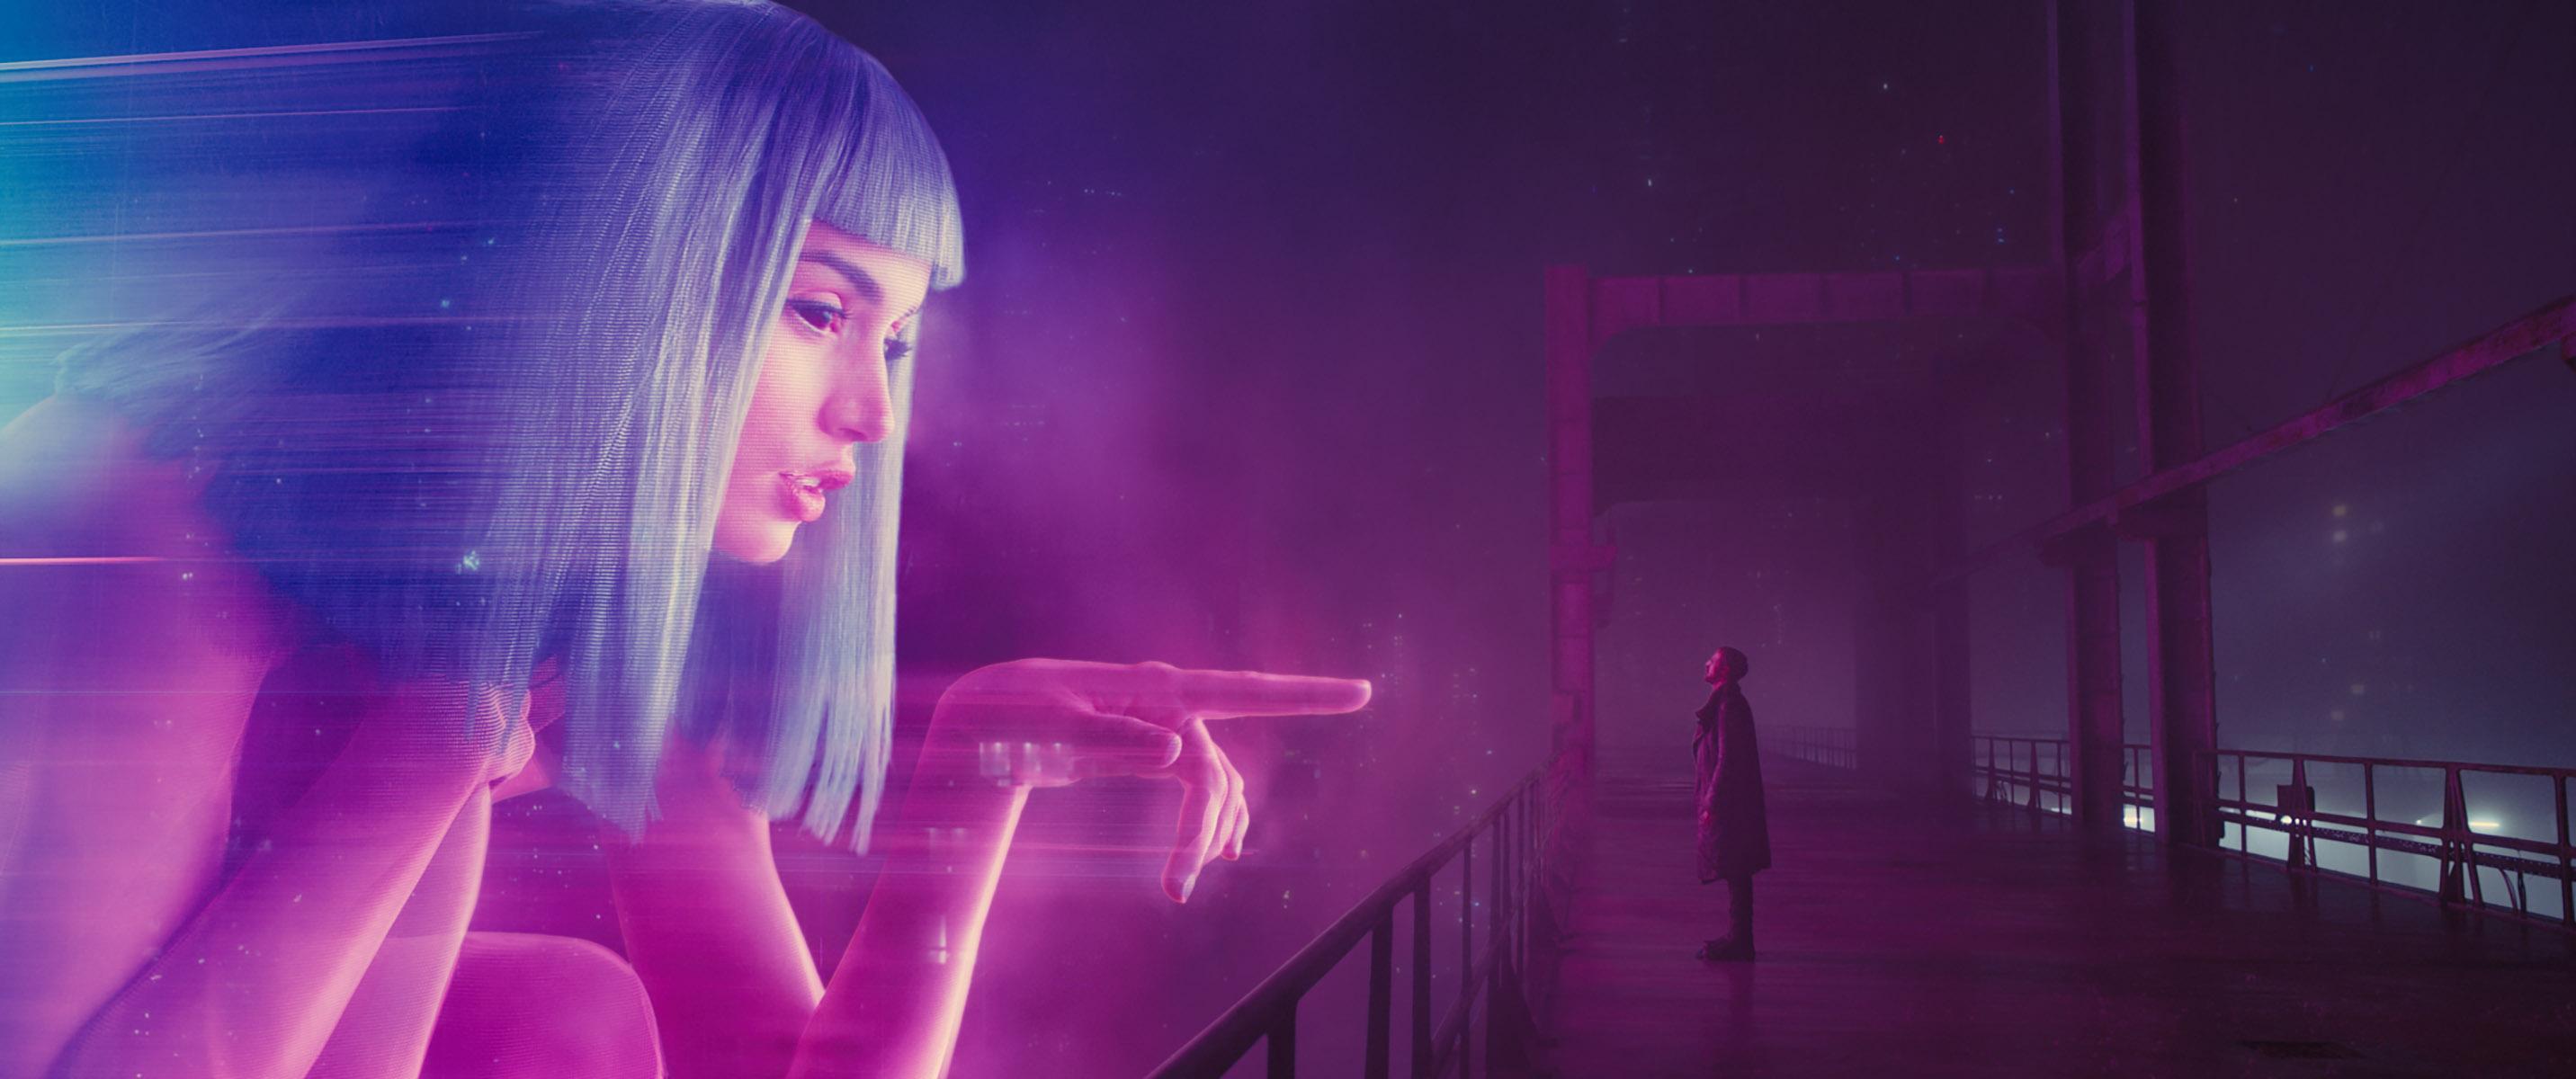 Blade Runner 2049 ra mắt mờ nhạt tại phòng vé Bắc Mỹ - Ảnh 2.